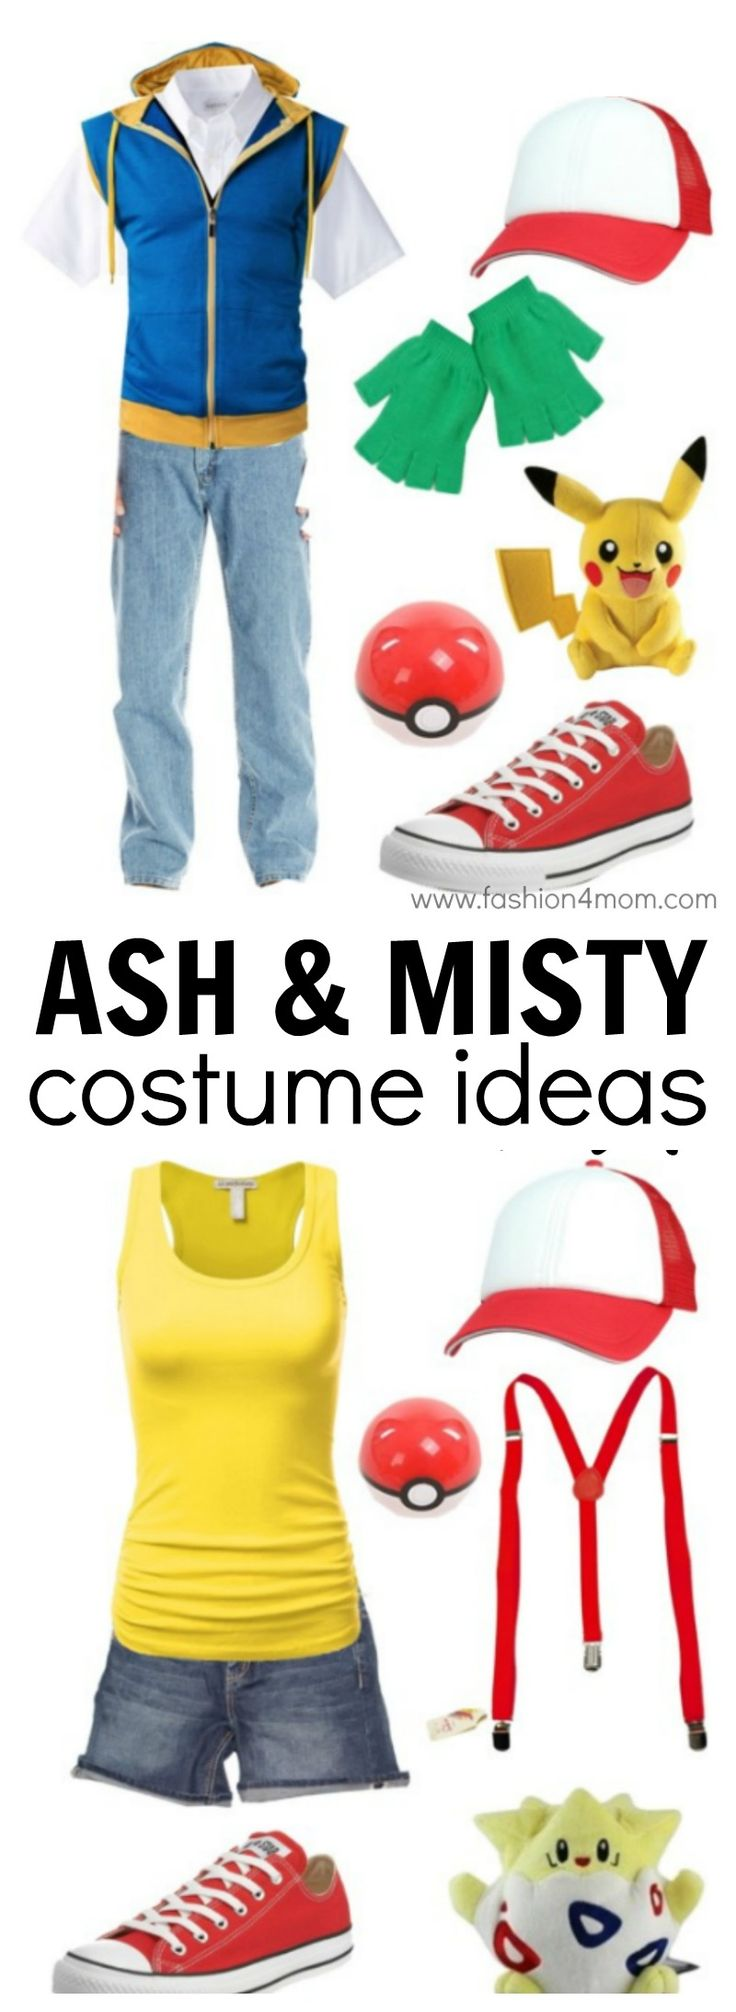 Pokemon Costume Ideas - Ash & Misty